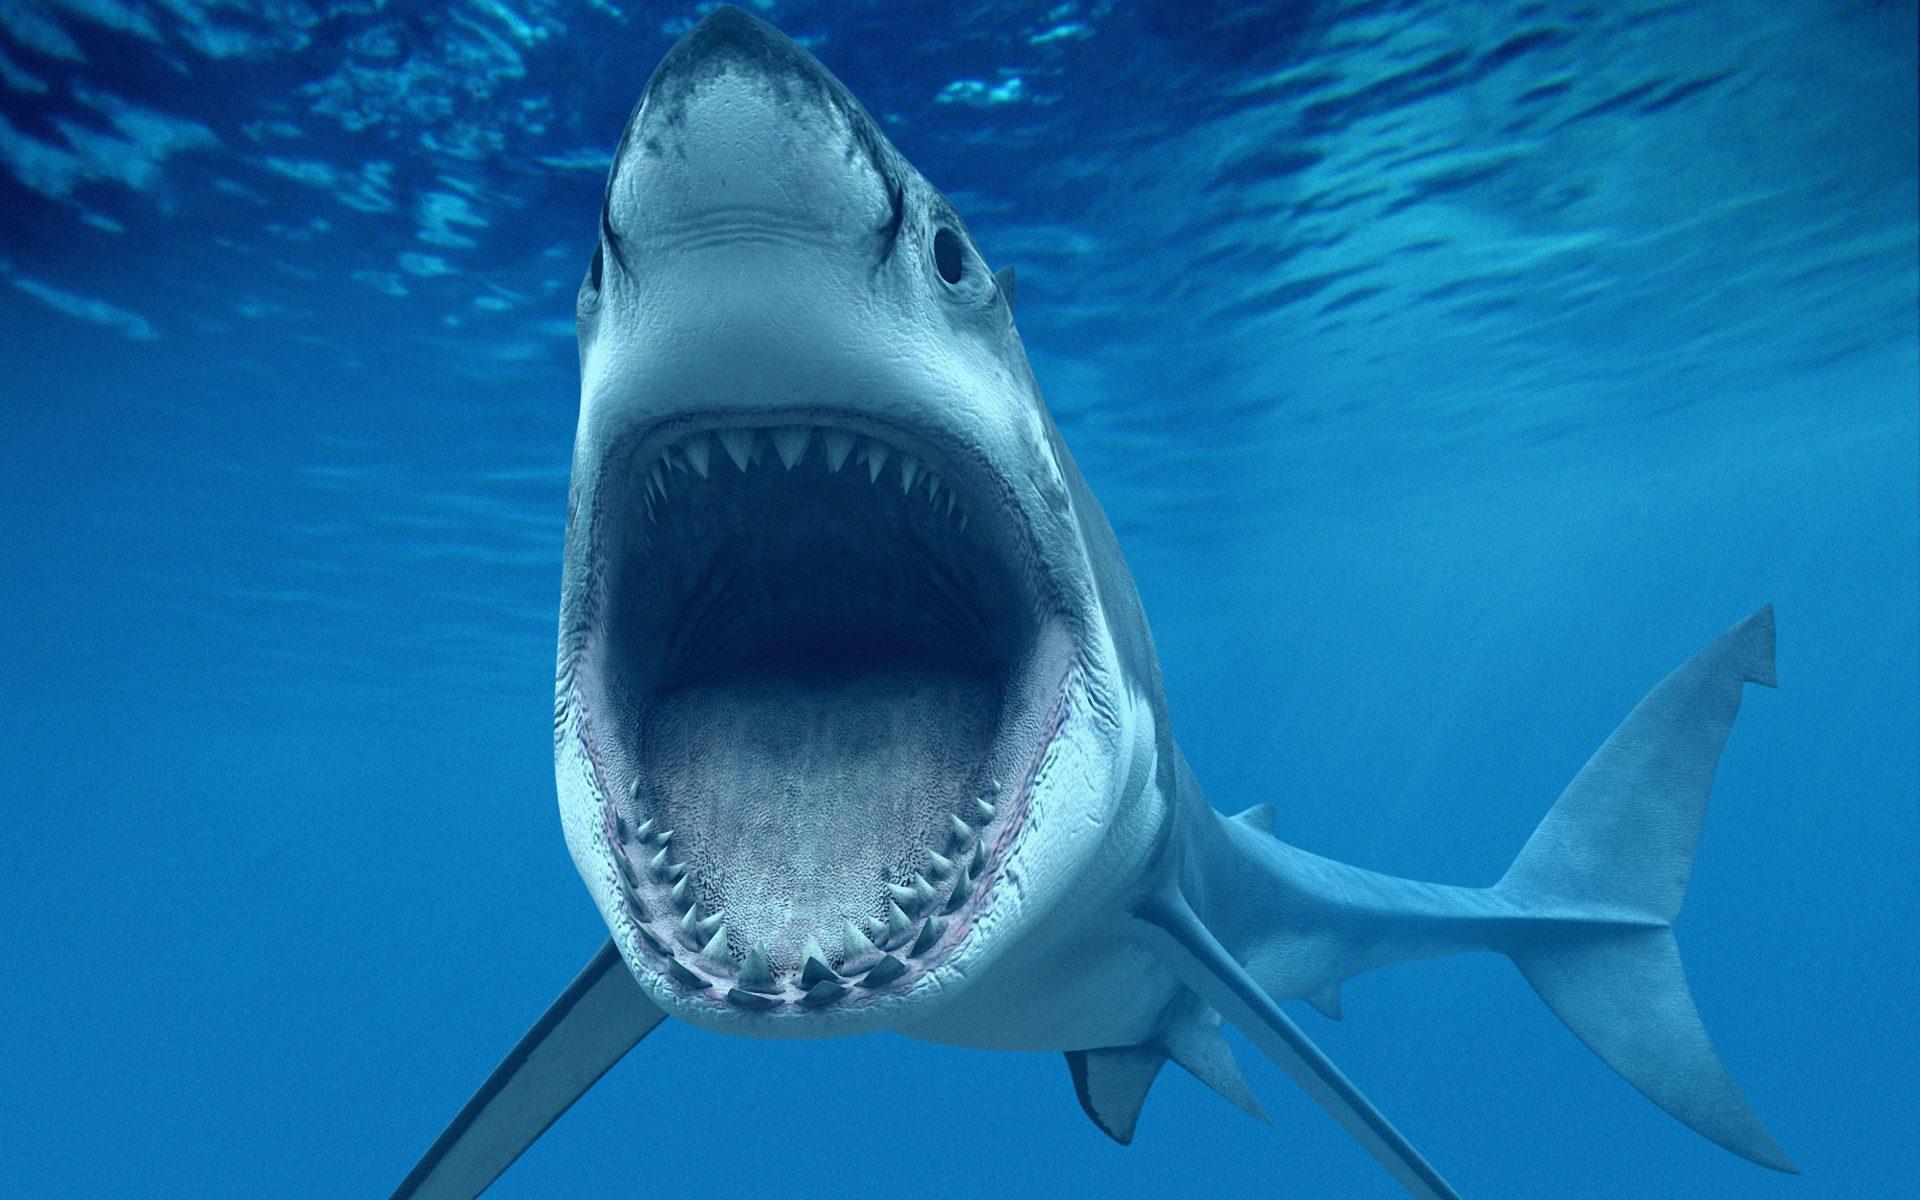 Shark Wallpaper For Laptop